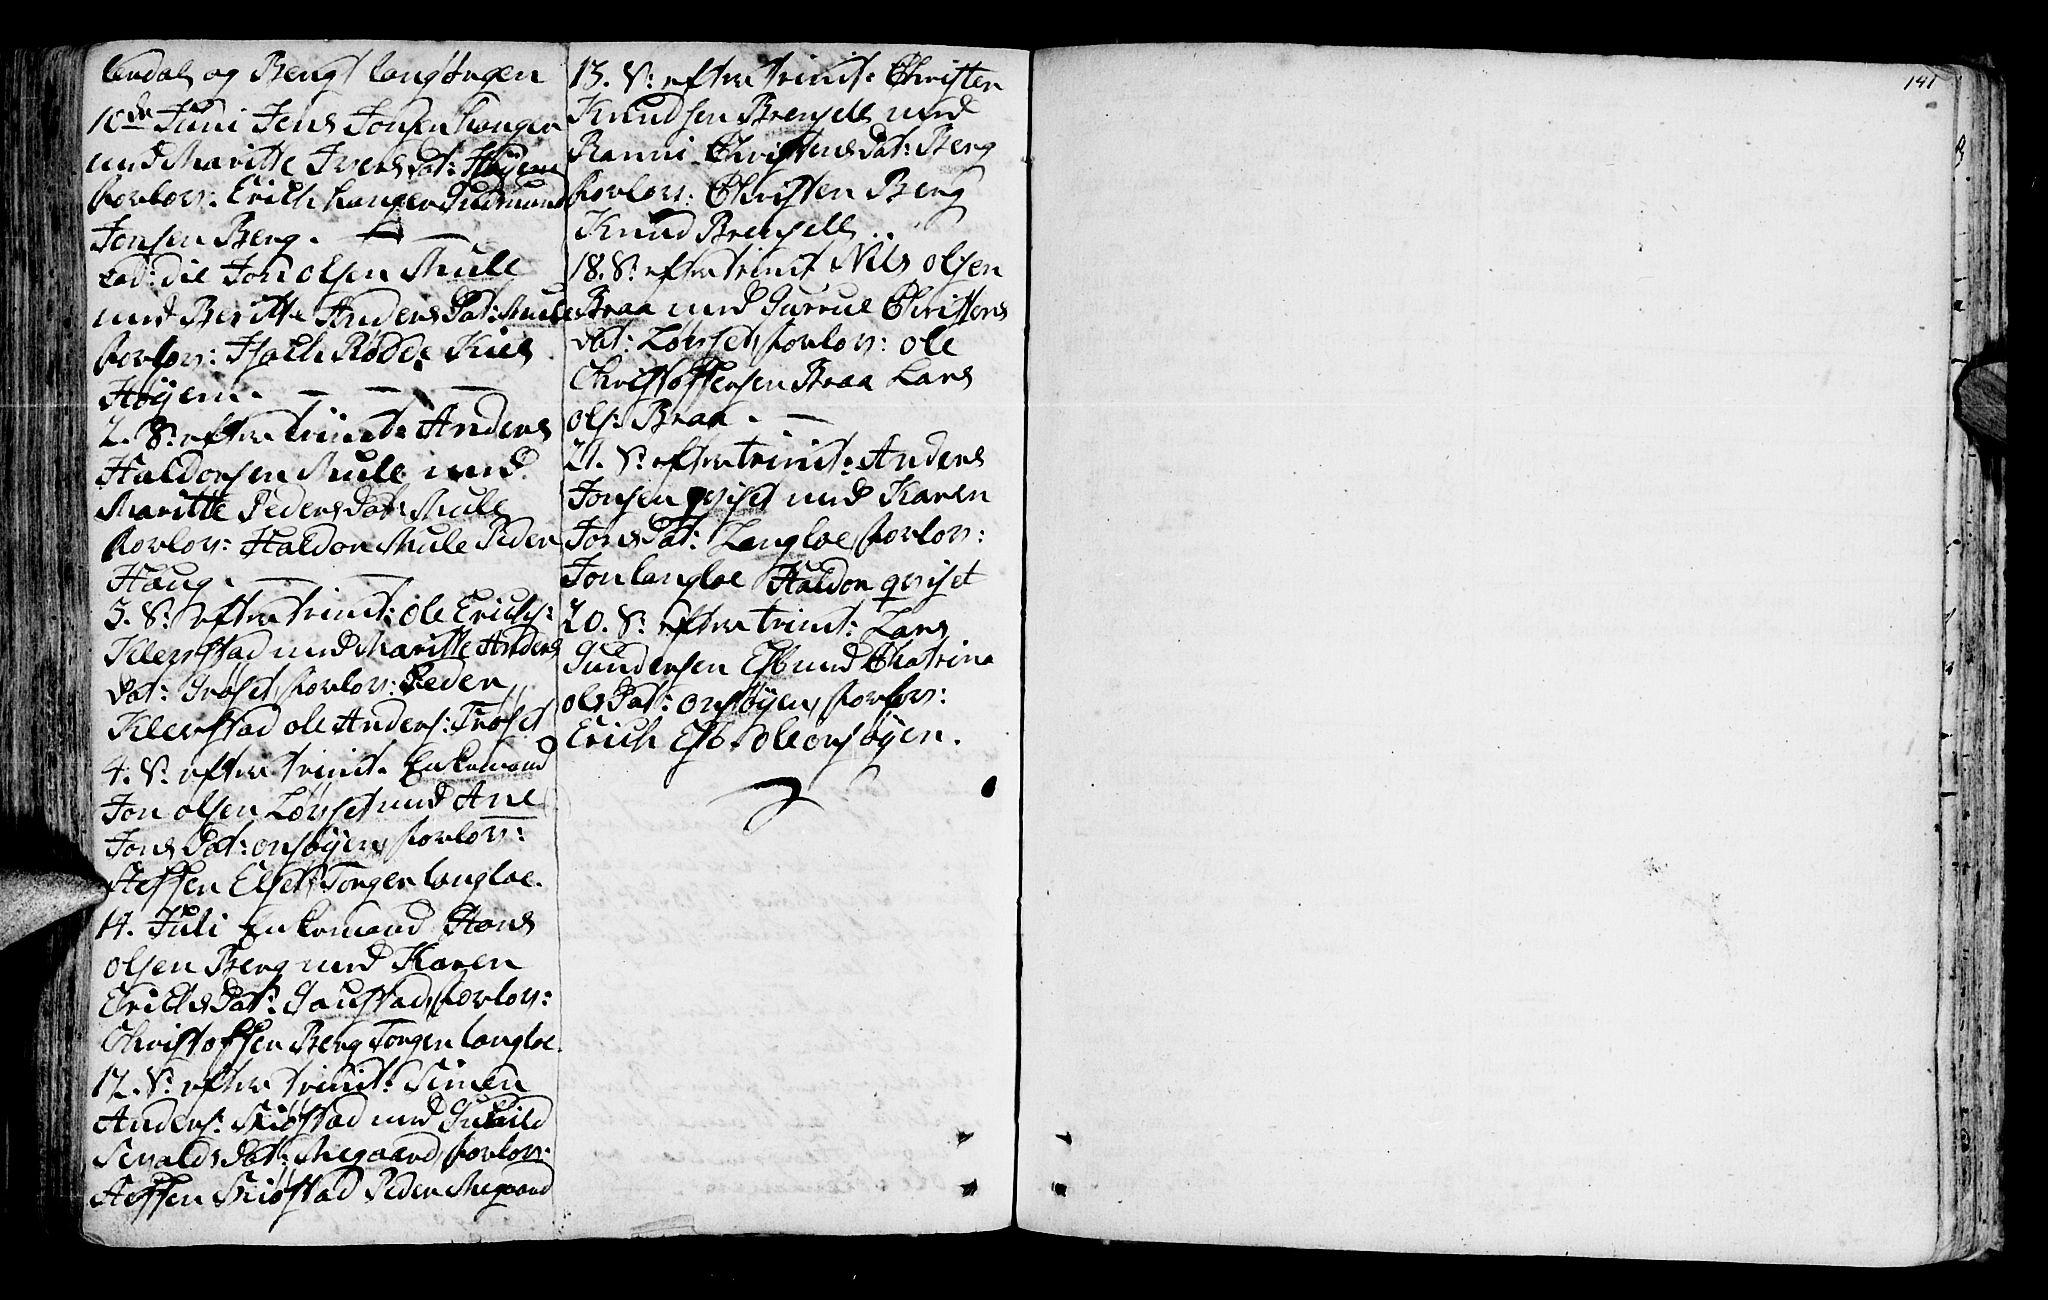 SAT, Ministerialprotokoller, klokkerbøker og fødselsregistre - Sør-Trøndelag, 612/L0370: Ministerialbok nr. 612A04, 1754-1802, s. 141